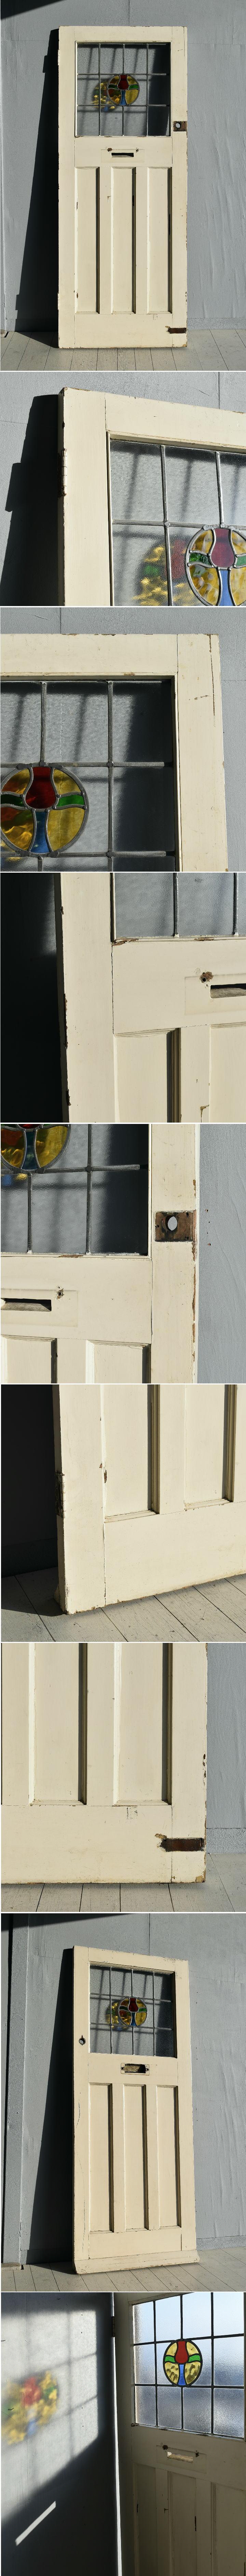 イギリス アンティーク ステンドグラス入り木製ドア 扉 ディスプレイ 建具 7765